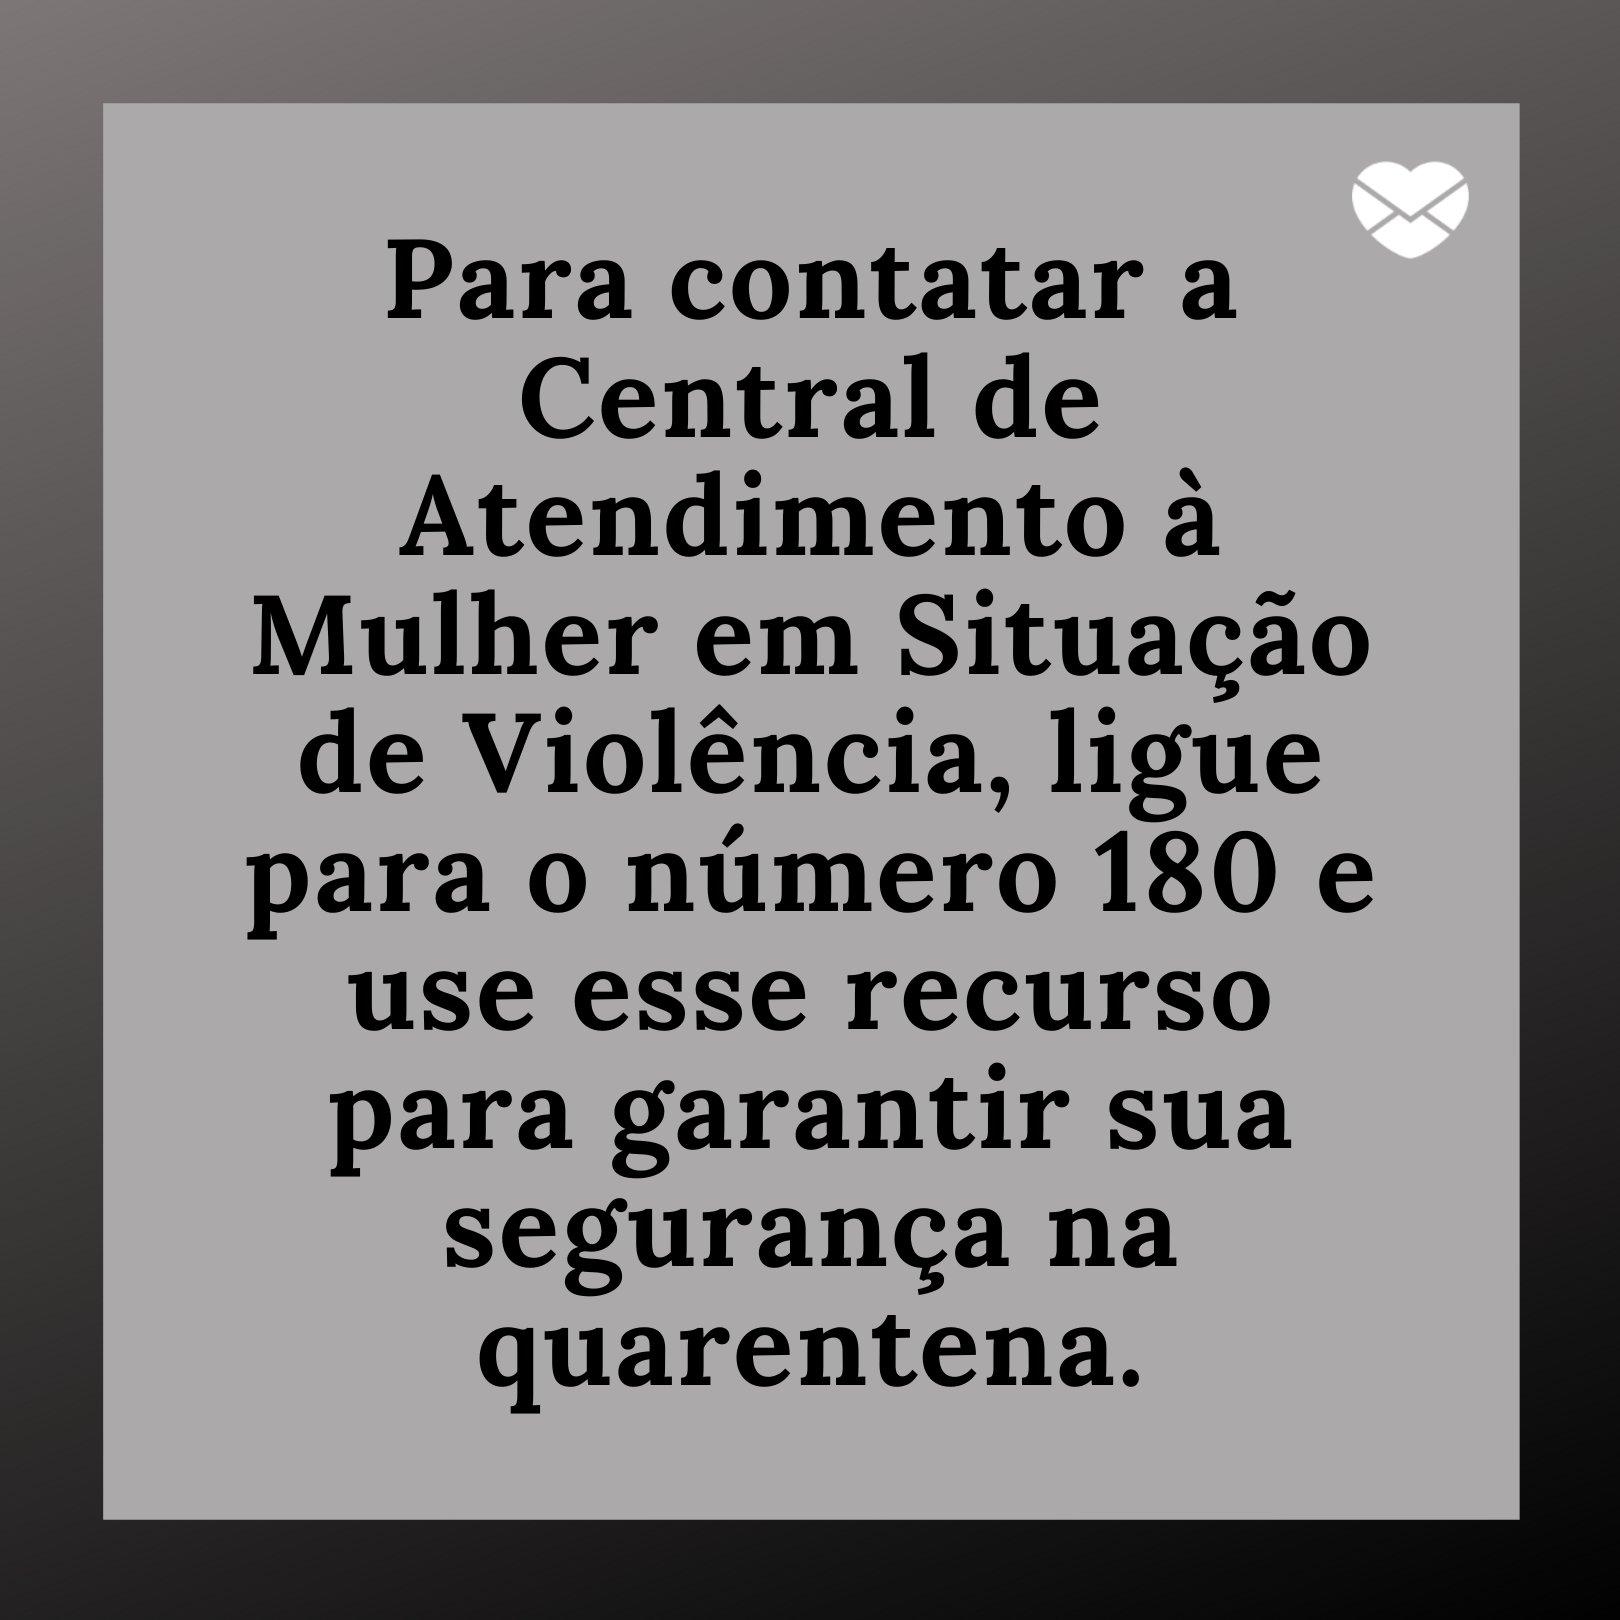 Ligue 180 Frases Contra A Violência Doméstica Na Quarentena Sentimentos